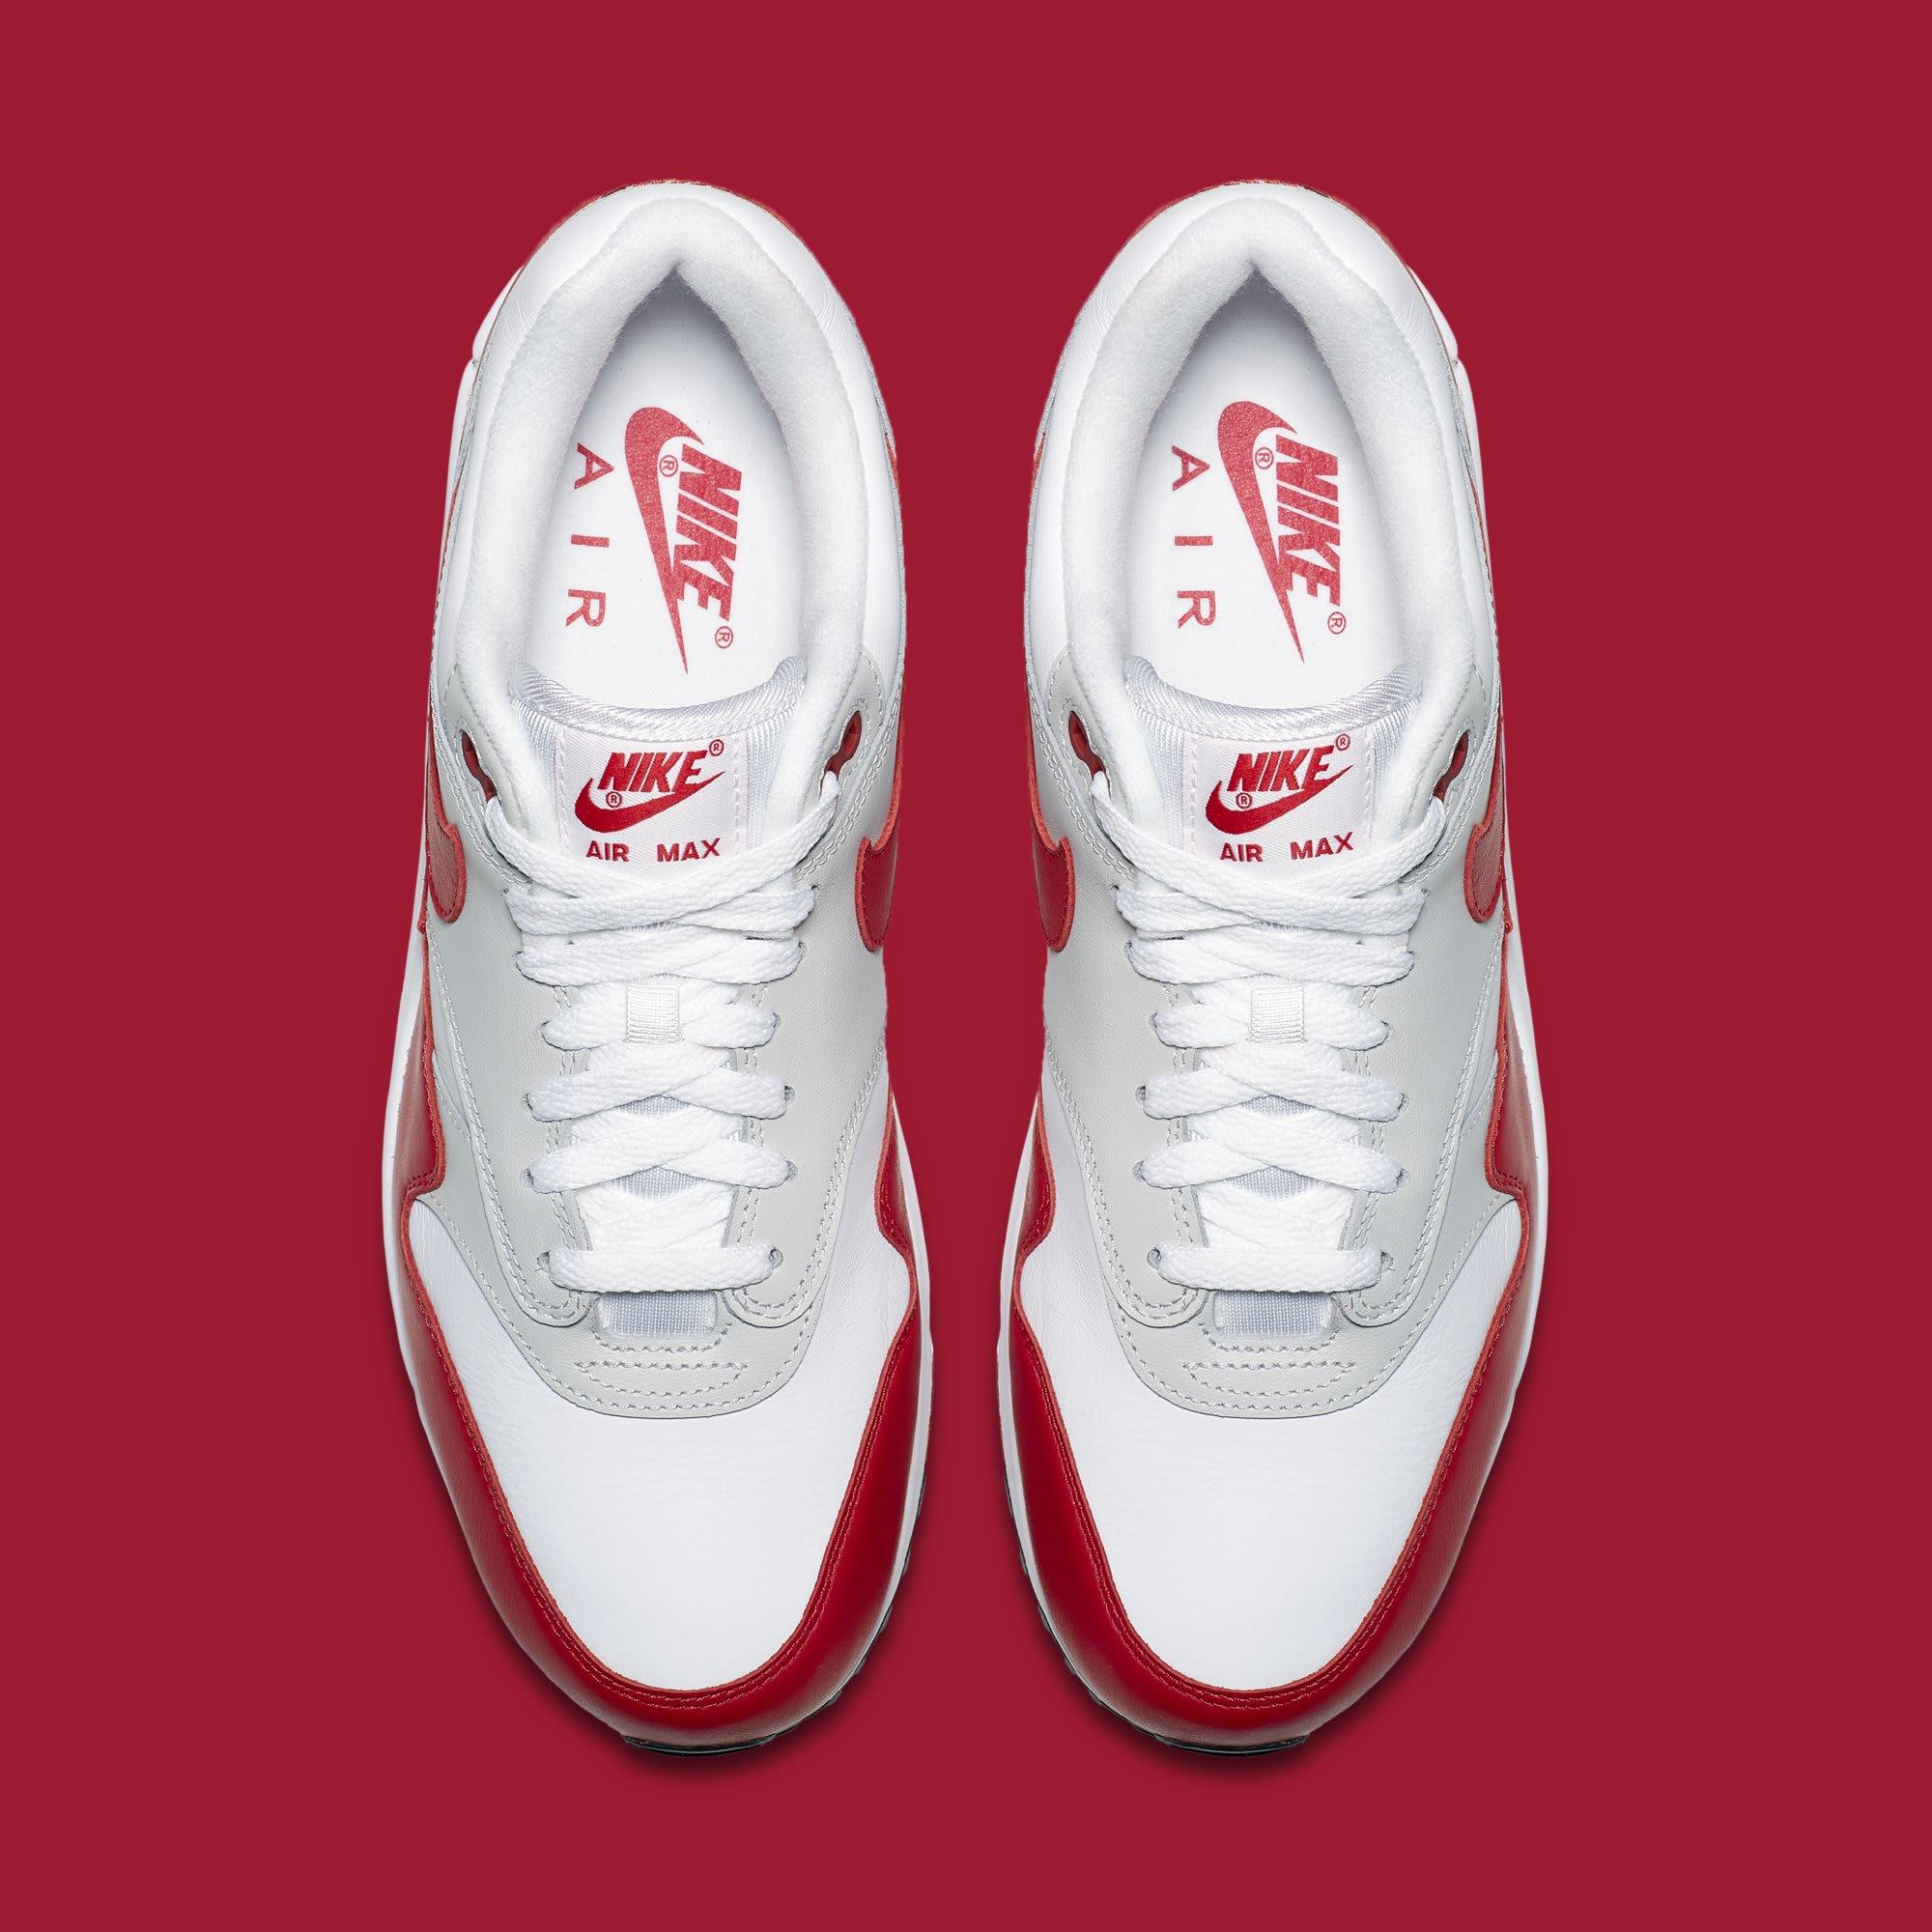 Nike Air Max 90/1 'White/Red' AJ7695-100 (Top)